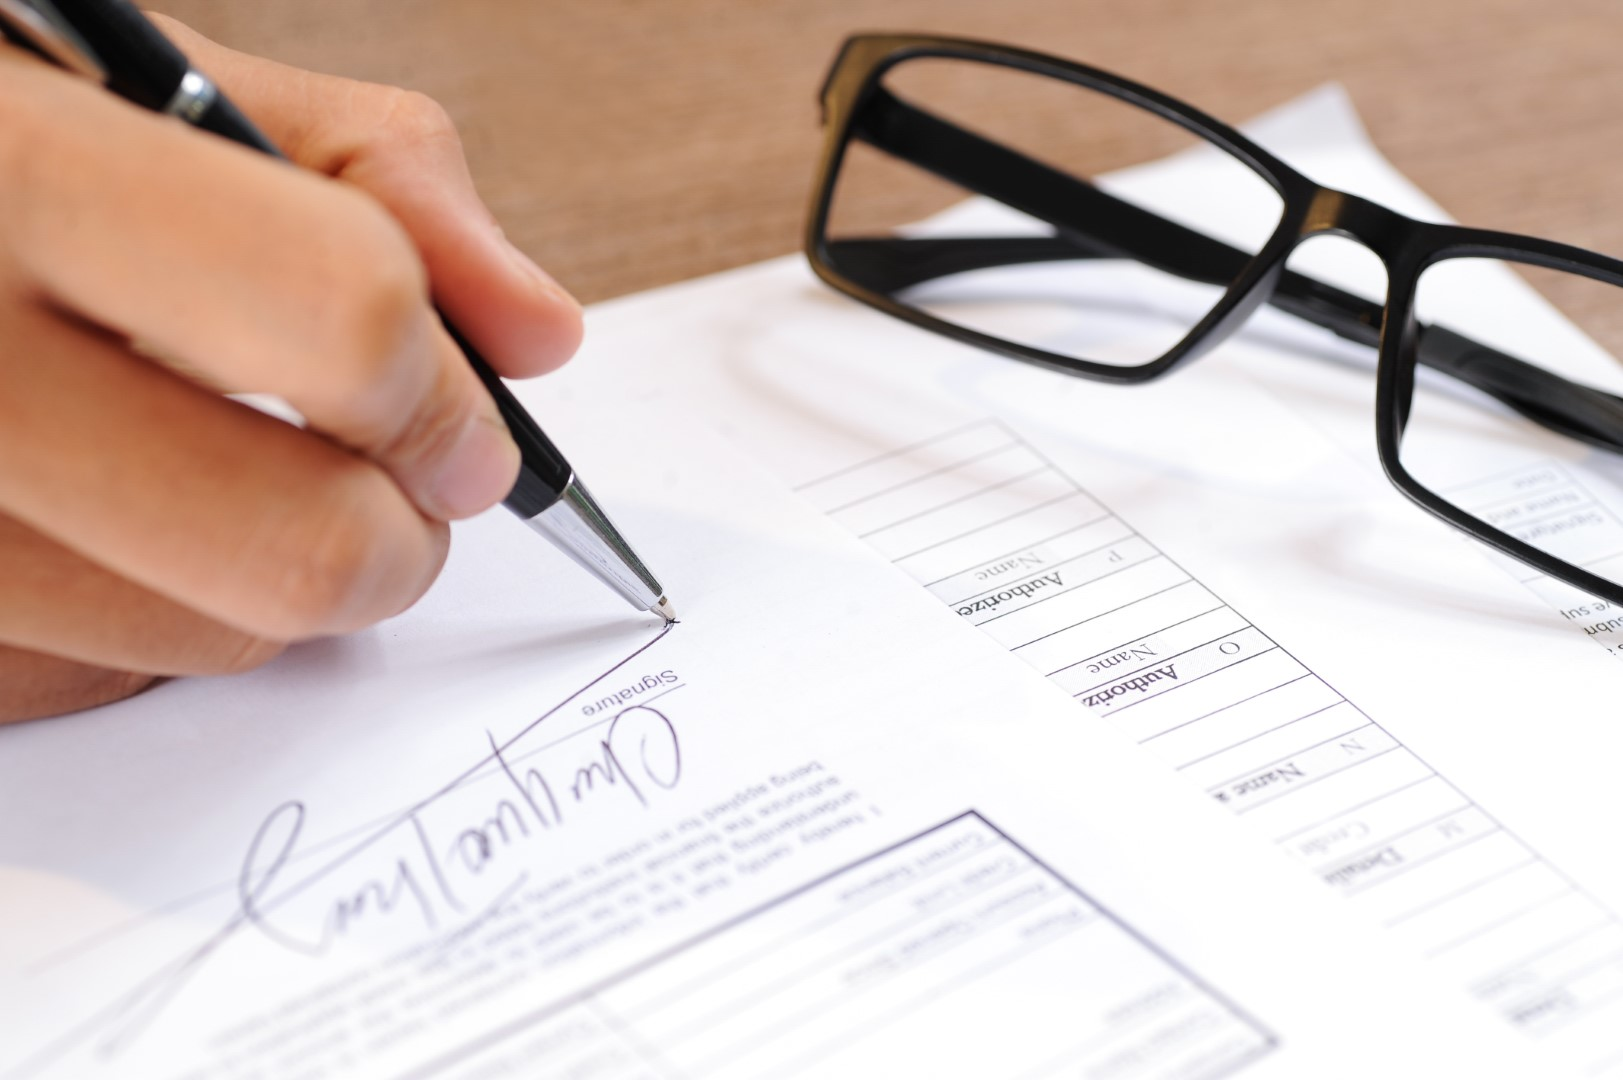 Rinnovo del contratto di locazione